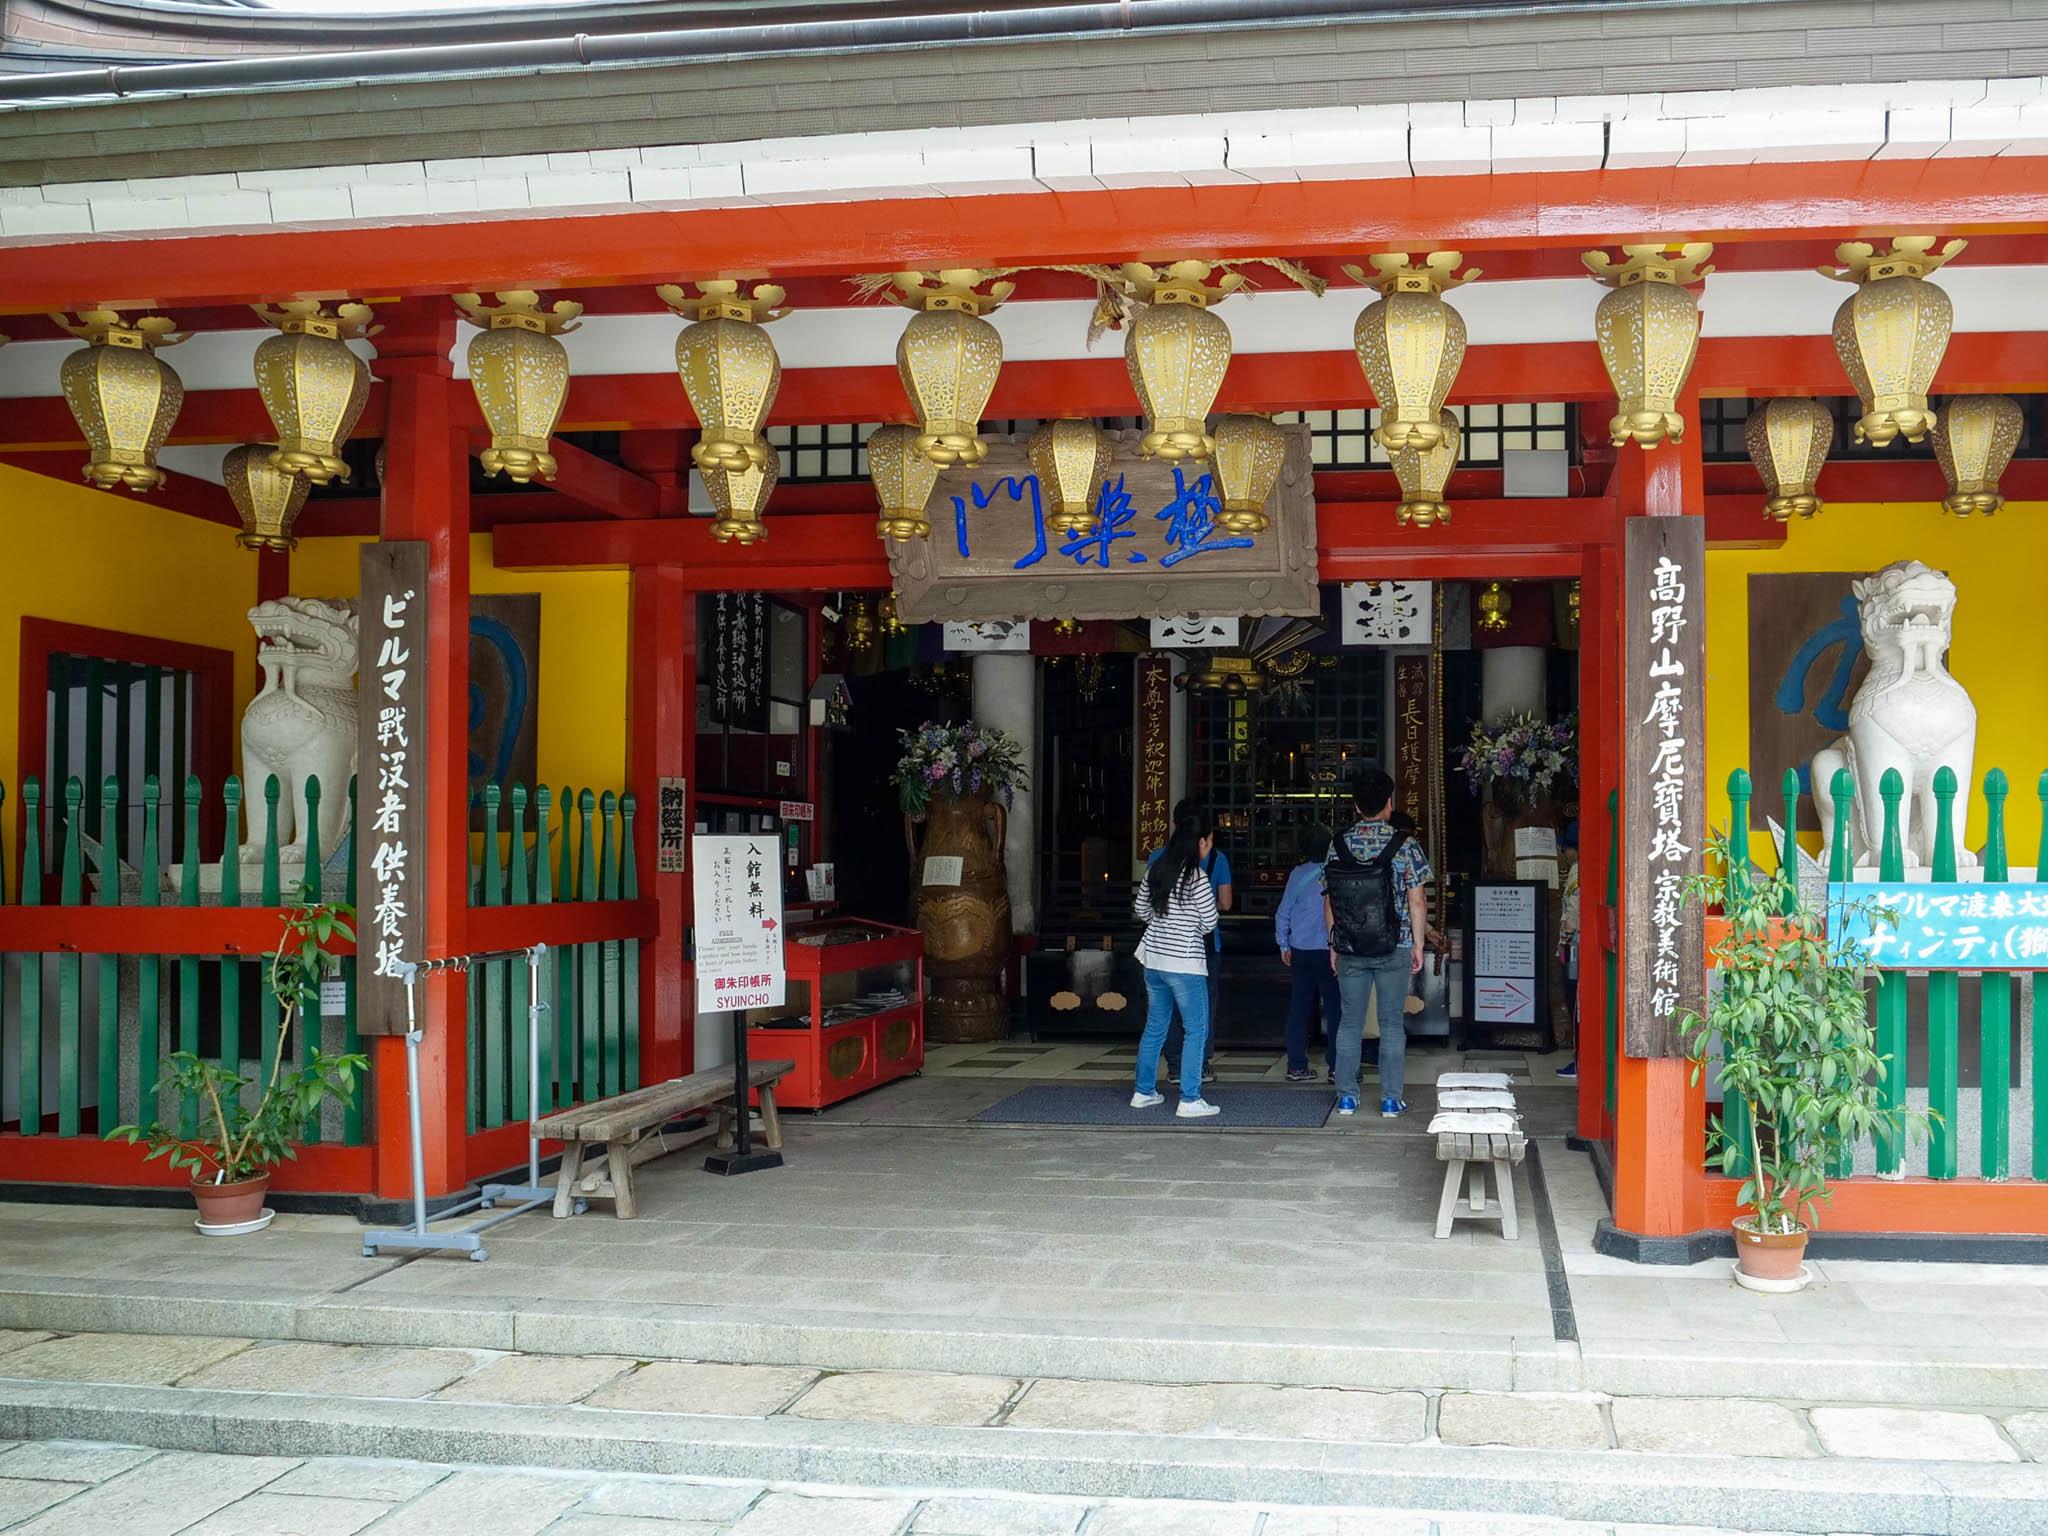 ビルマ戦没者供養塔(成福院摩尼宝塔)